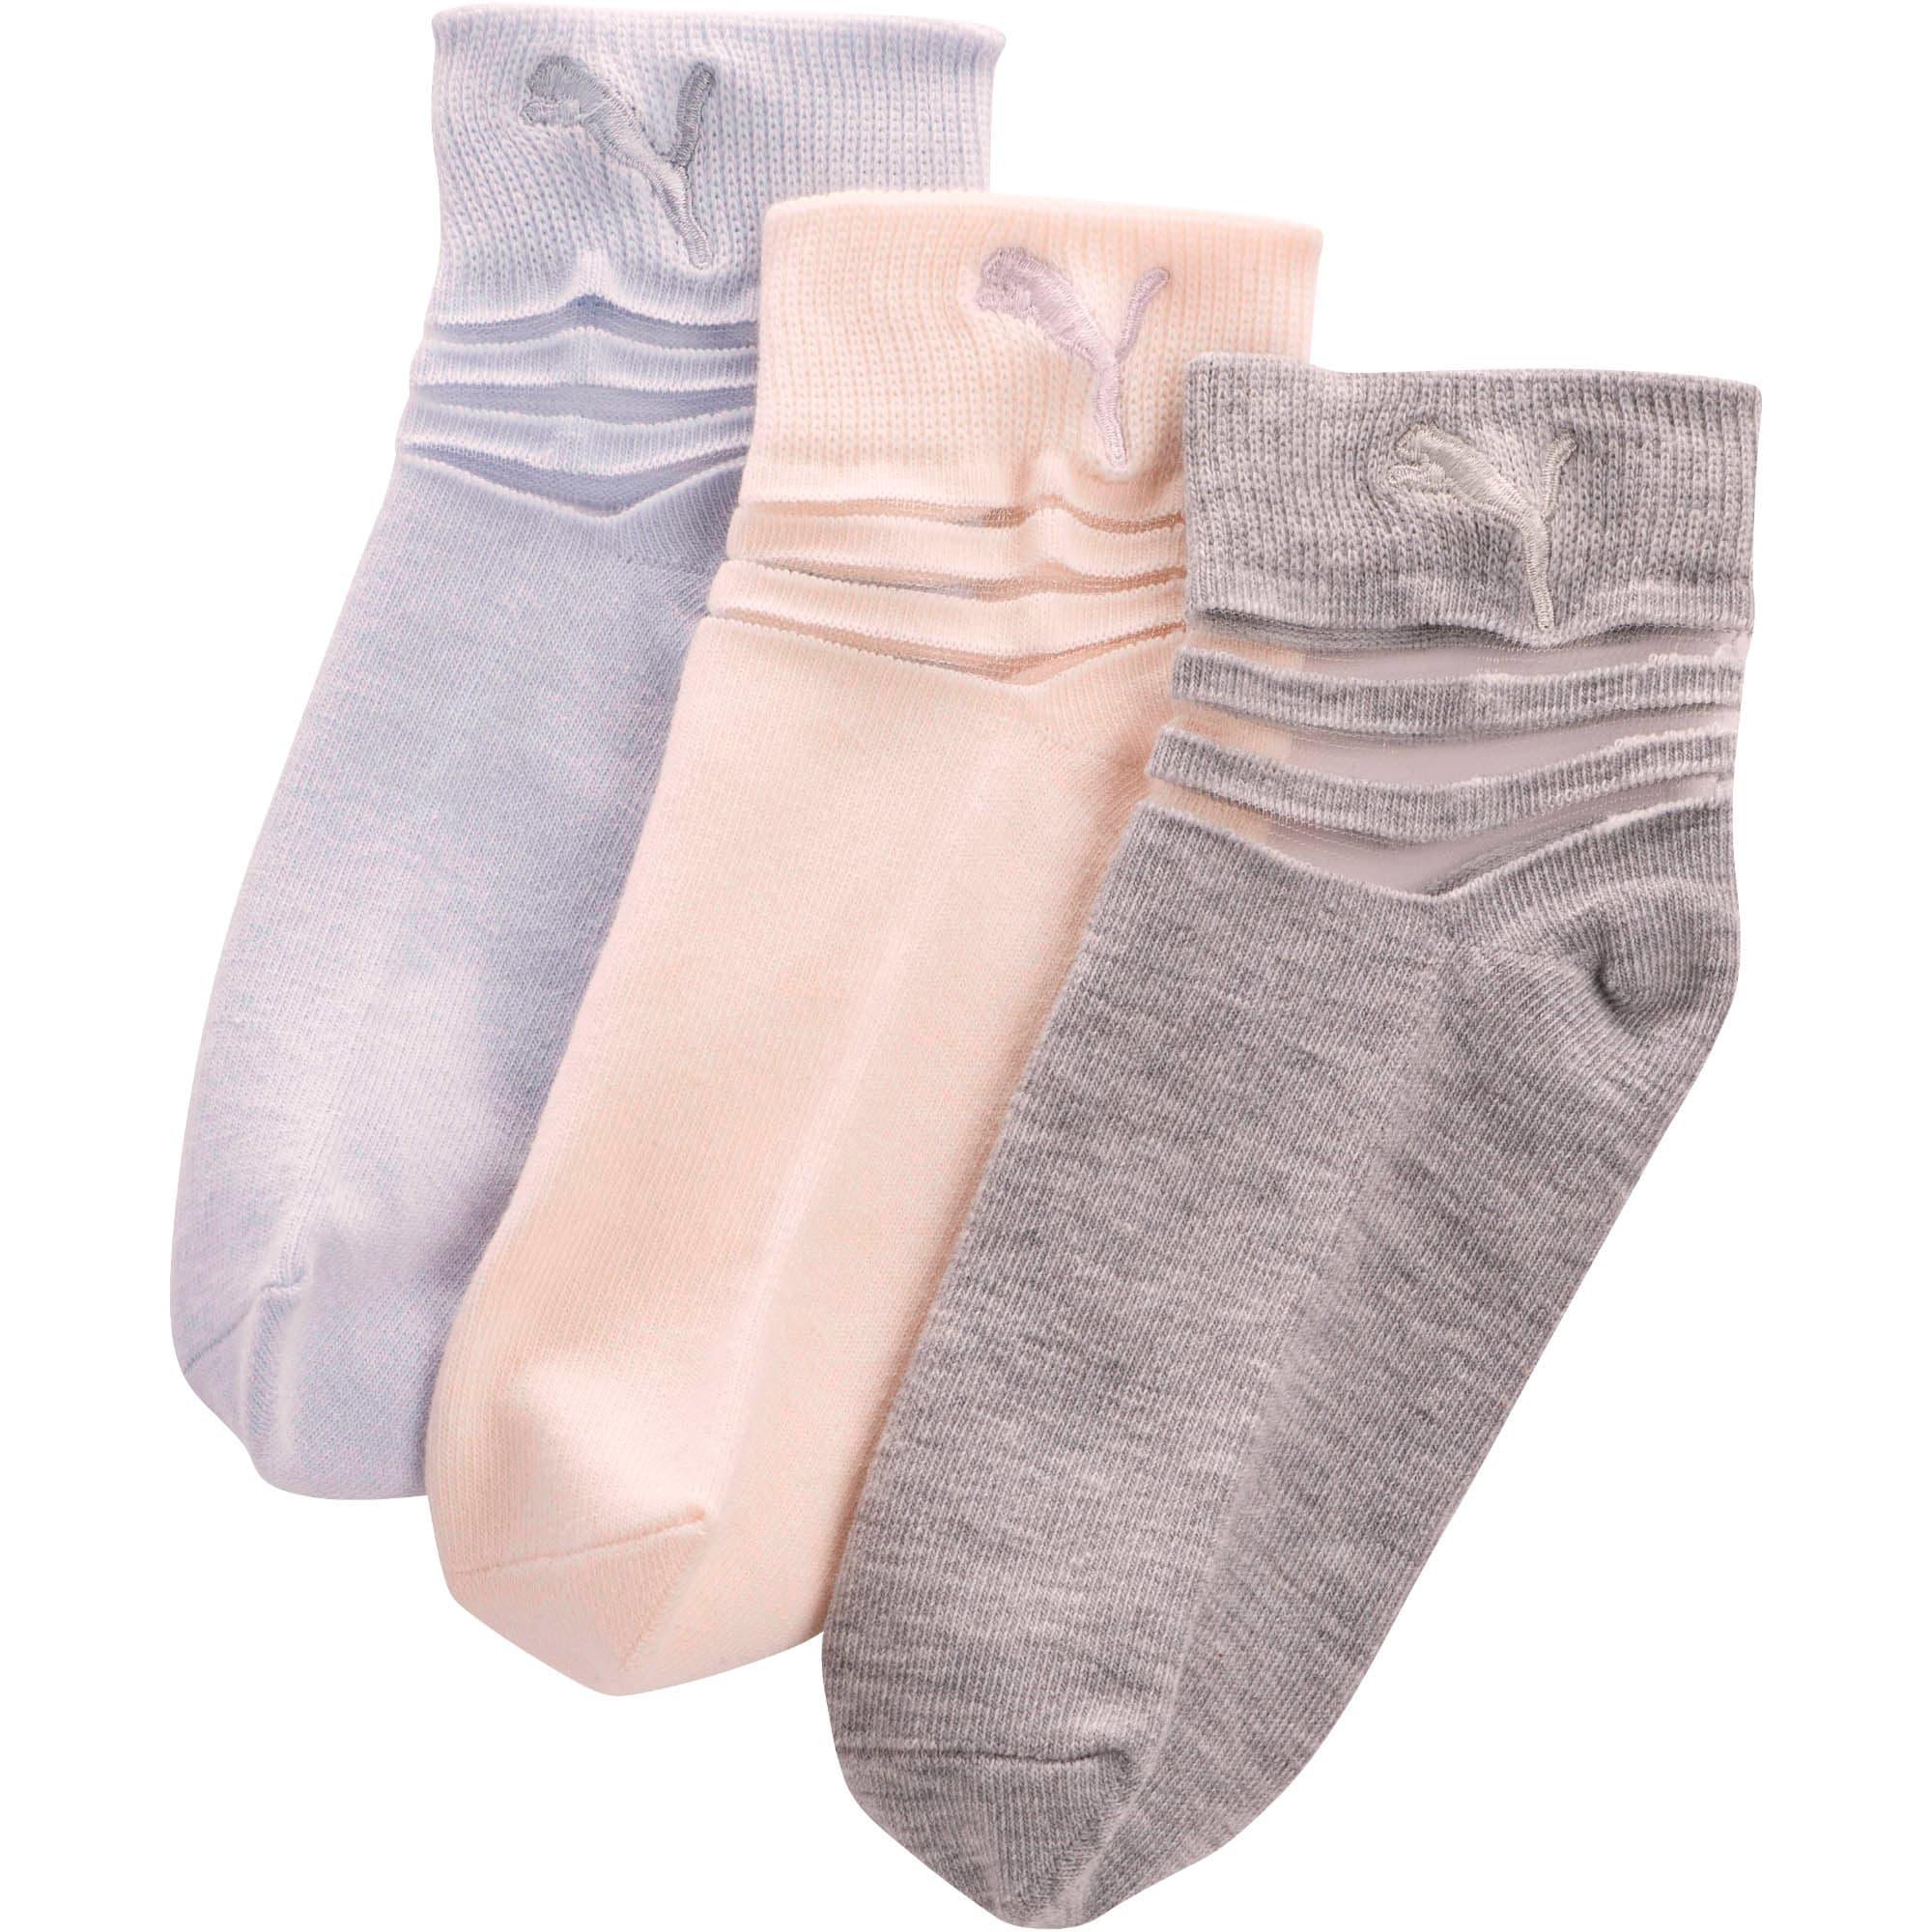 Miniatura 1 de Calcetines cortos de tela no rizada para niñas [paquete de 3], PASTEL COMBO, mediano